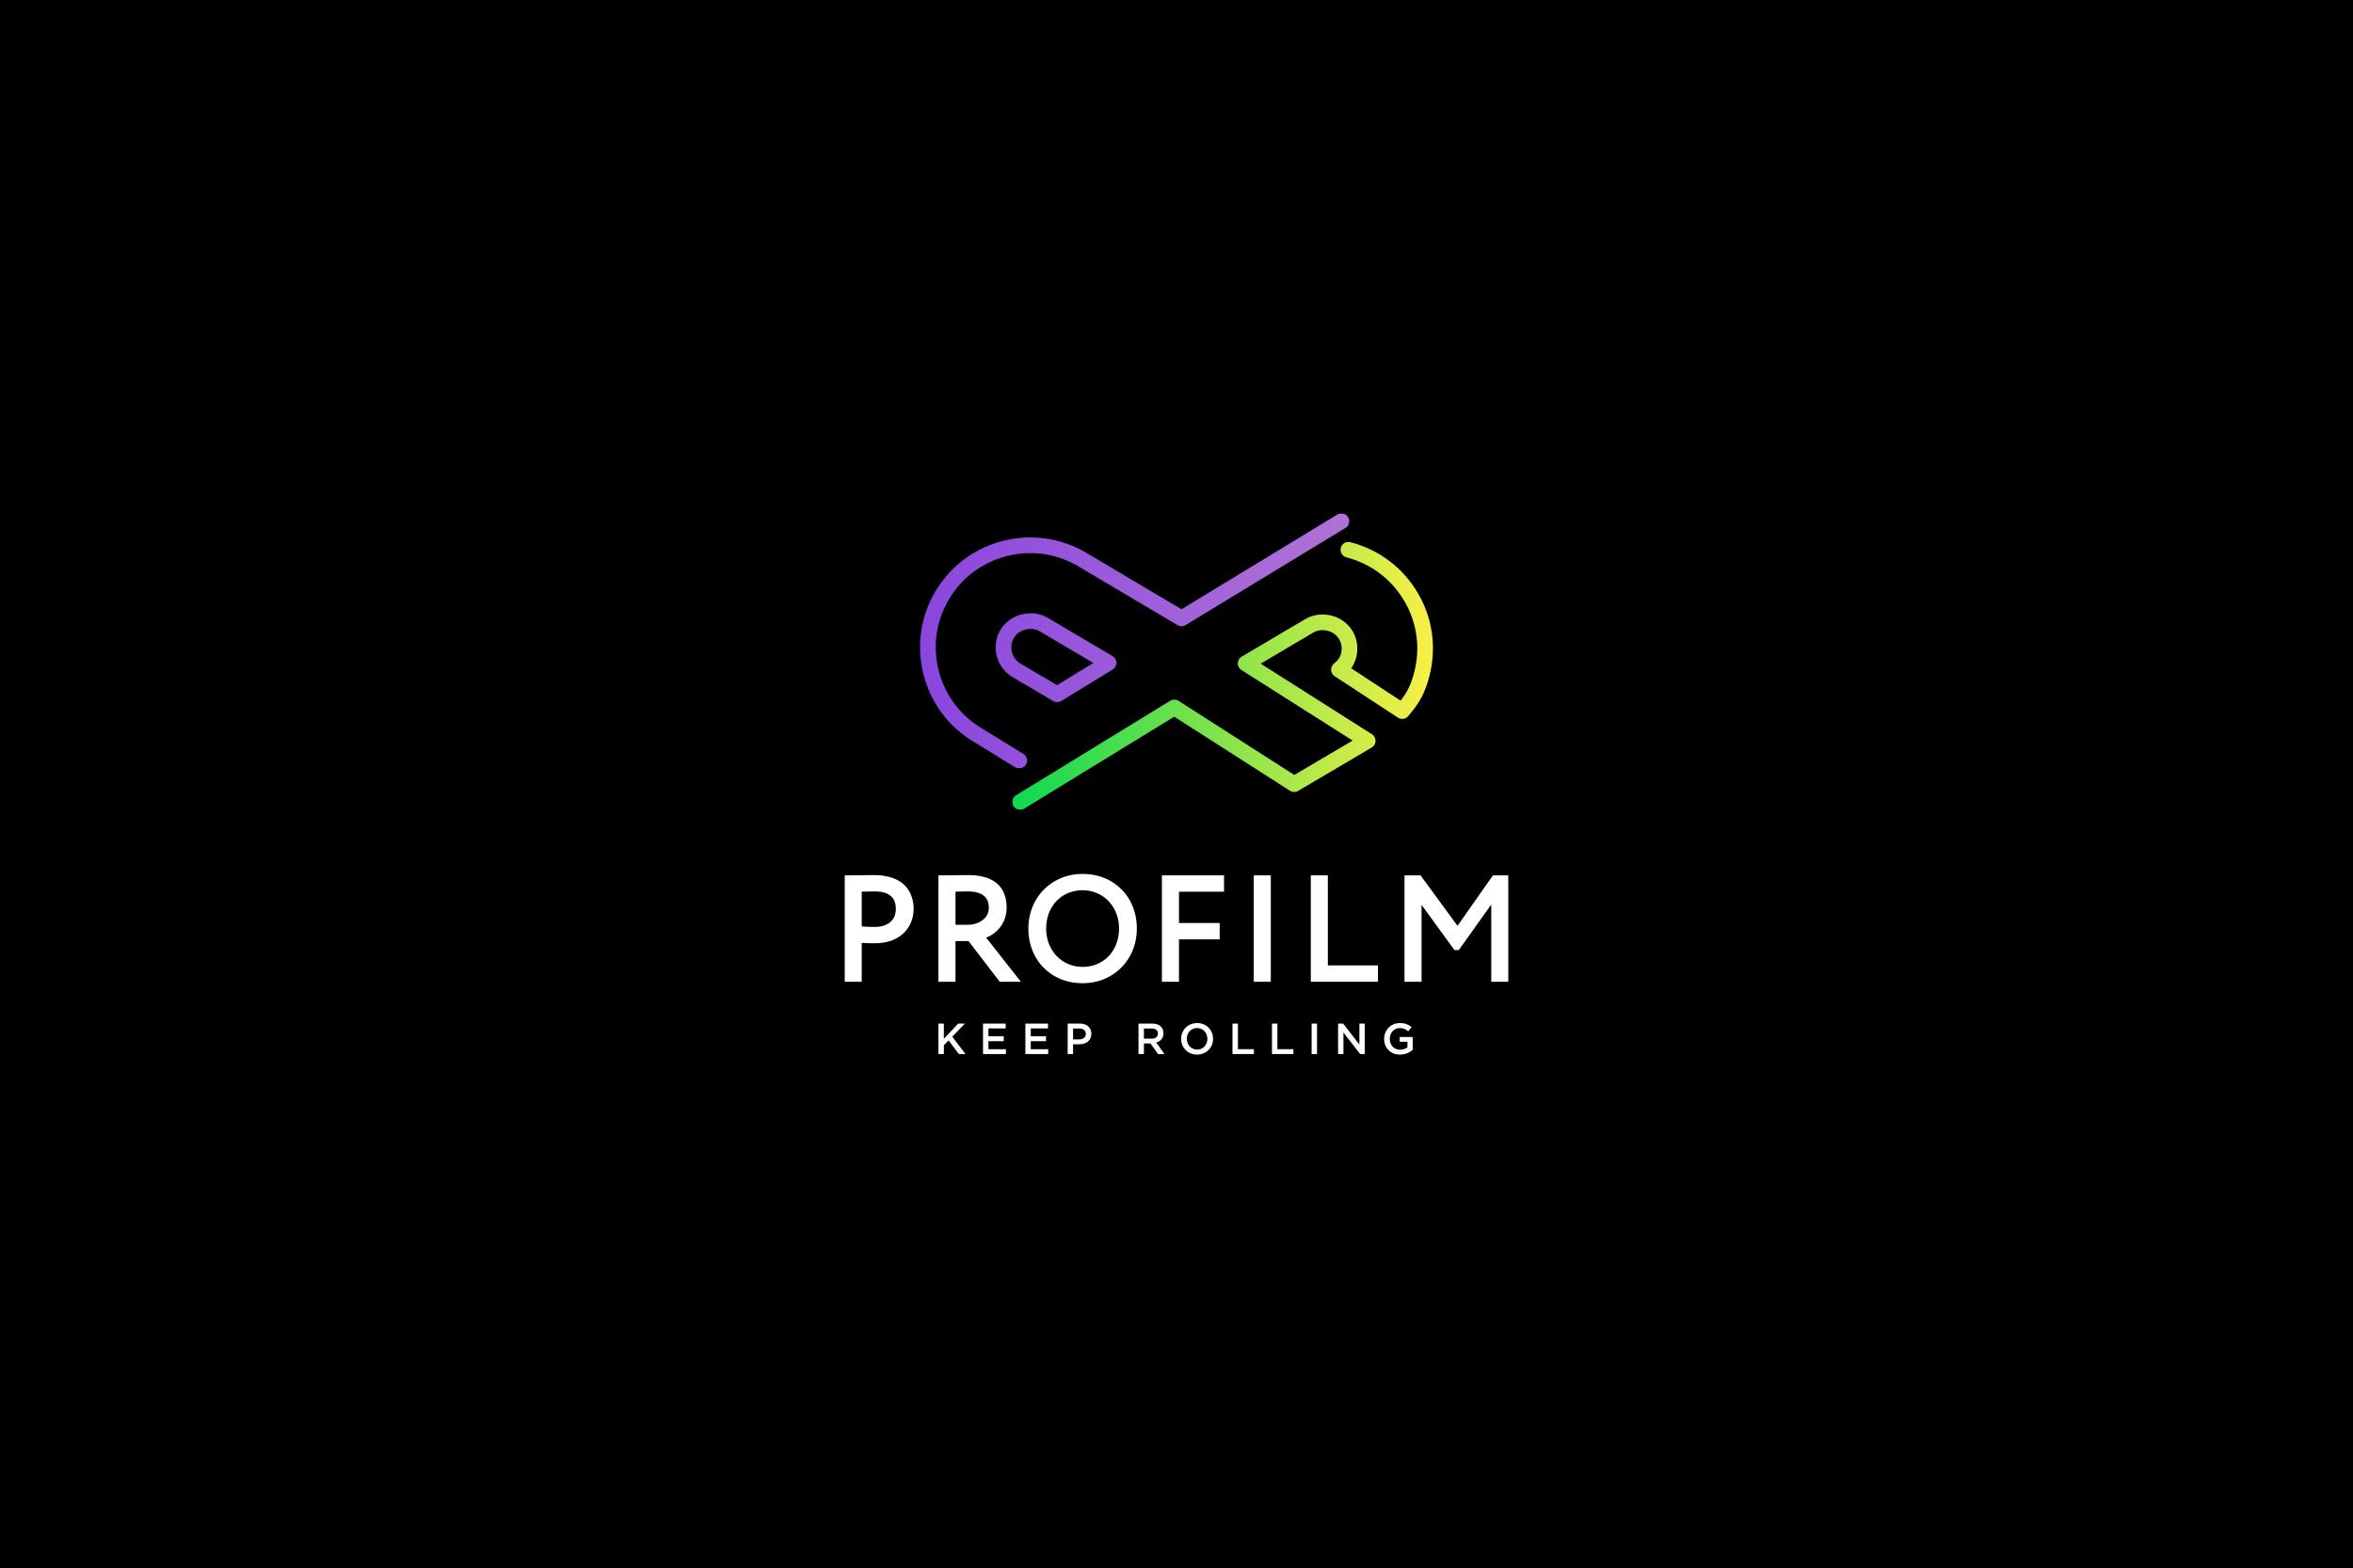 Profilm_01